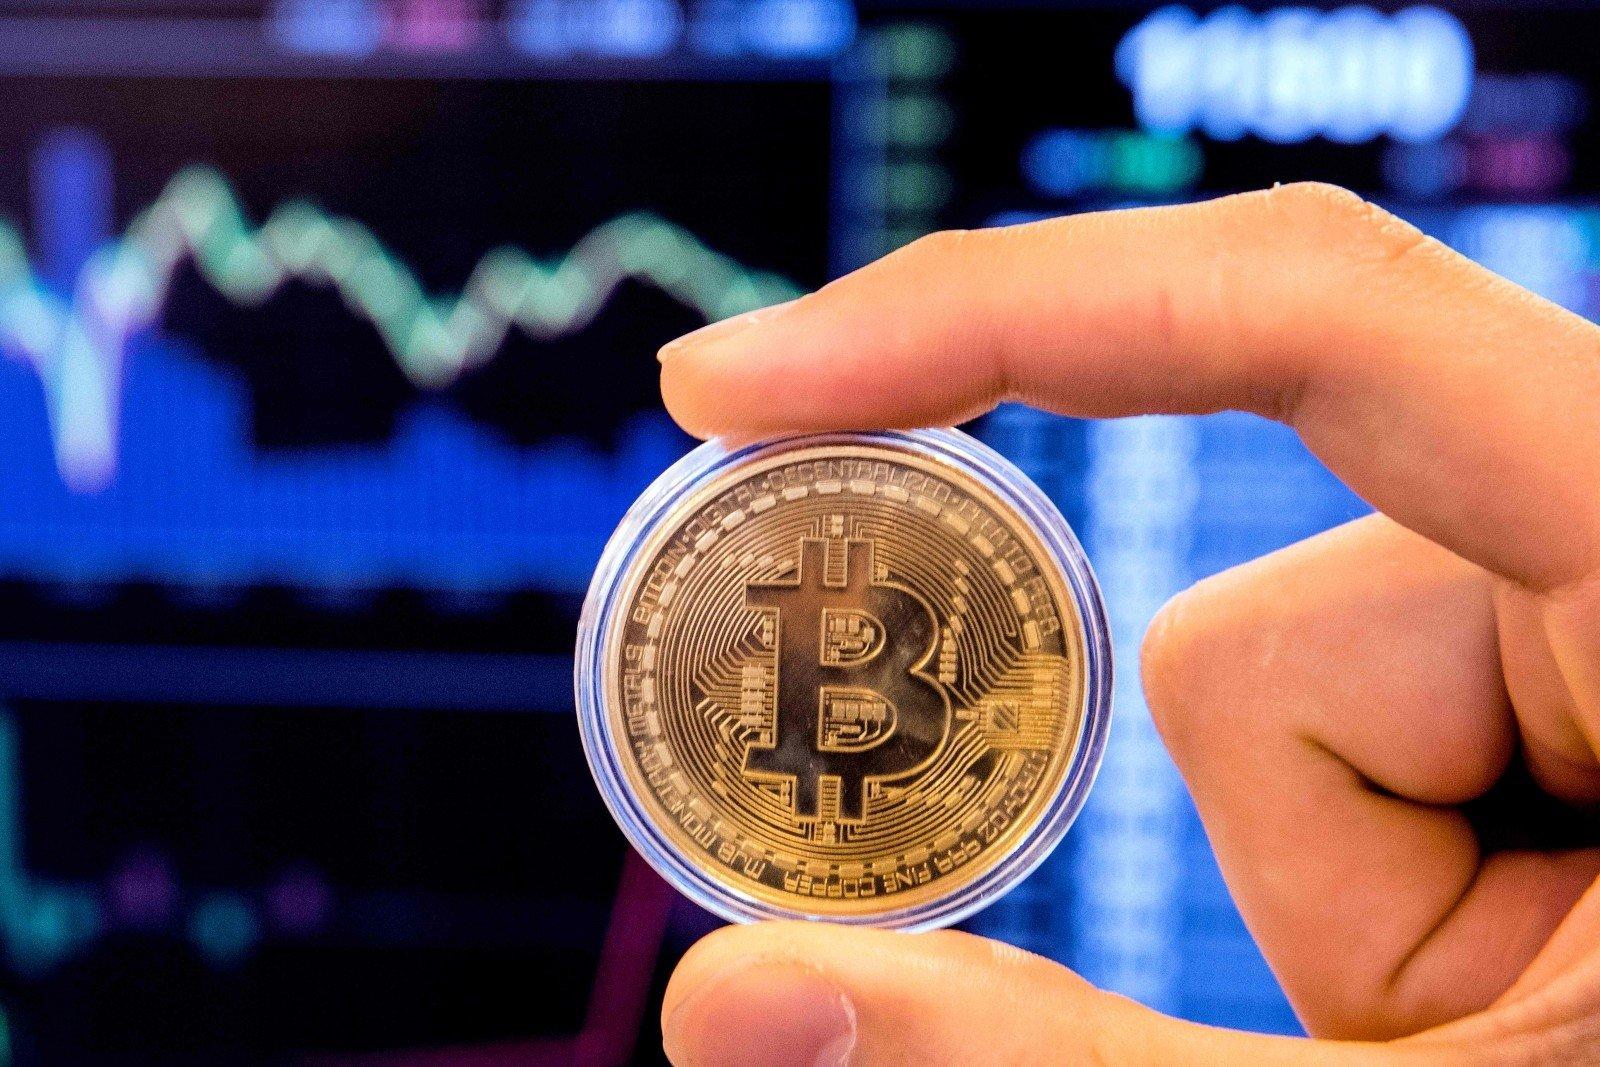 Ką reikia žinoti apie bitkoinus? - hausis.lt - naujienų ir žinių portalas